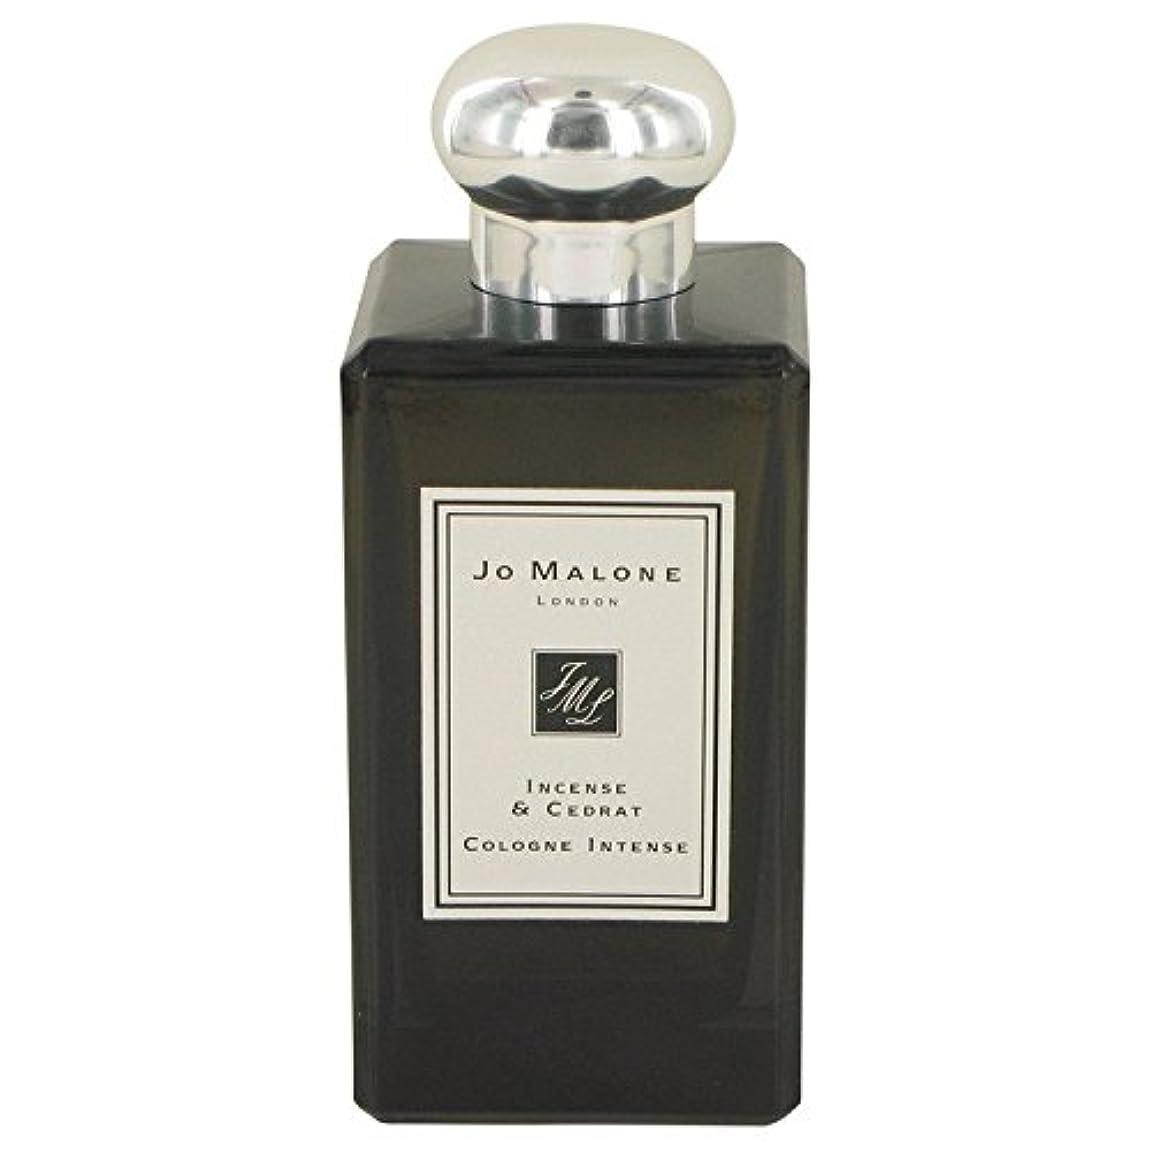 冬十億属するJo Malone Incense & Cedrat Cologne Intense Spray (Unisex Unboxed) By Jo Malone